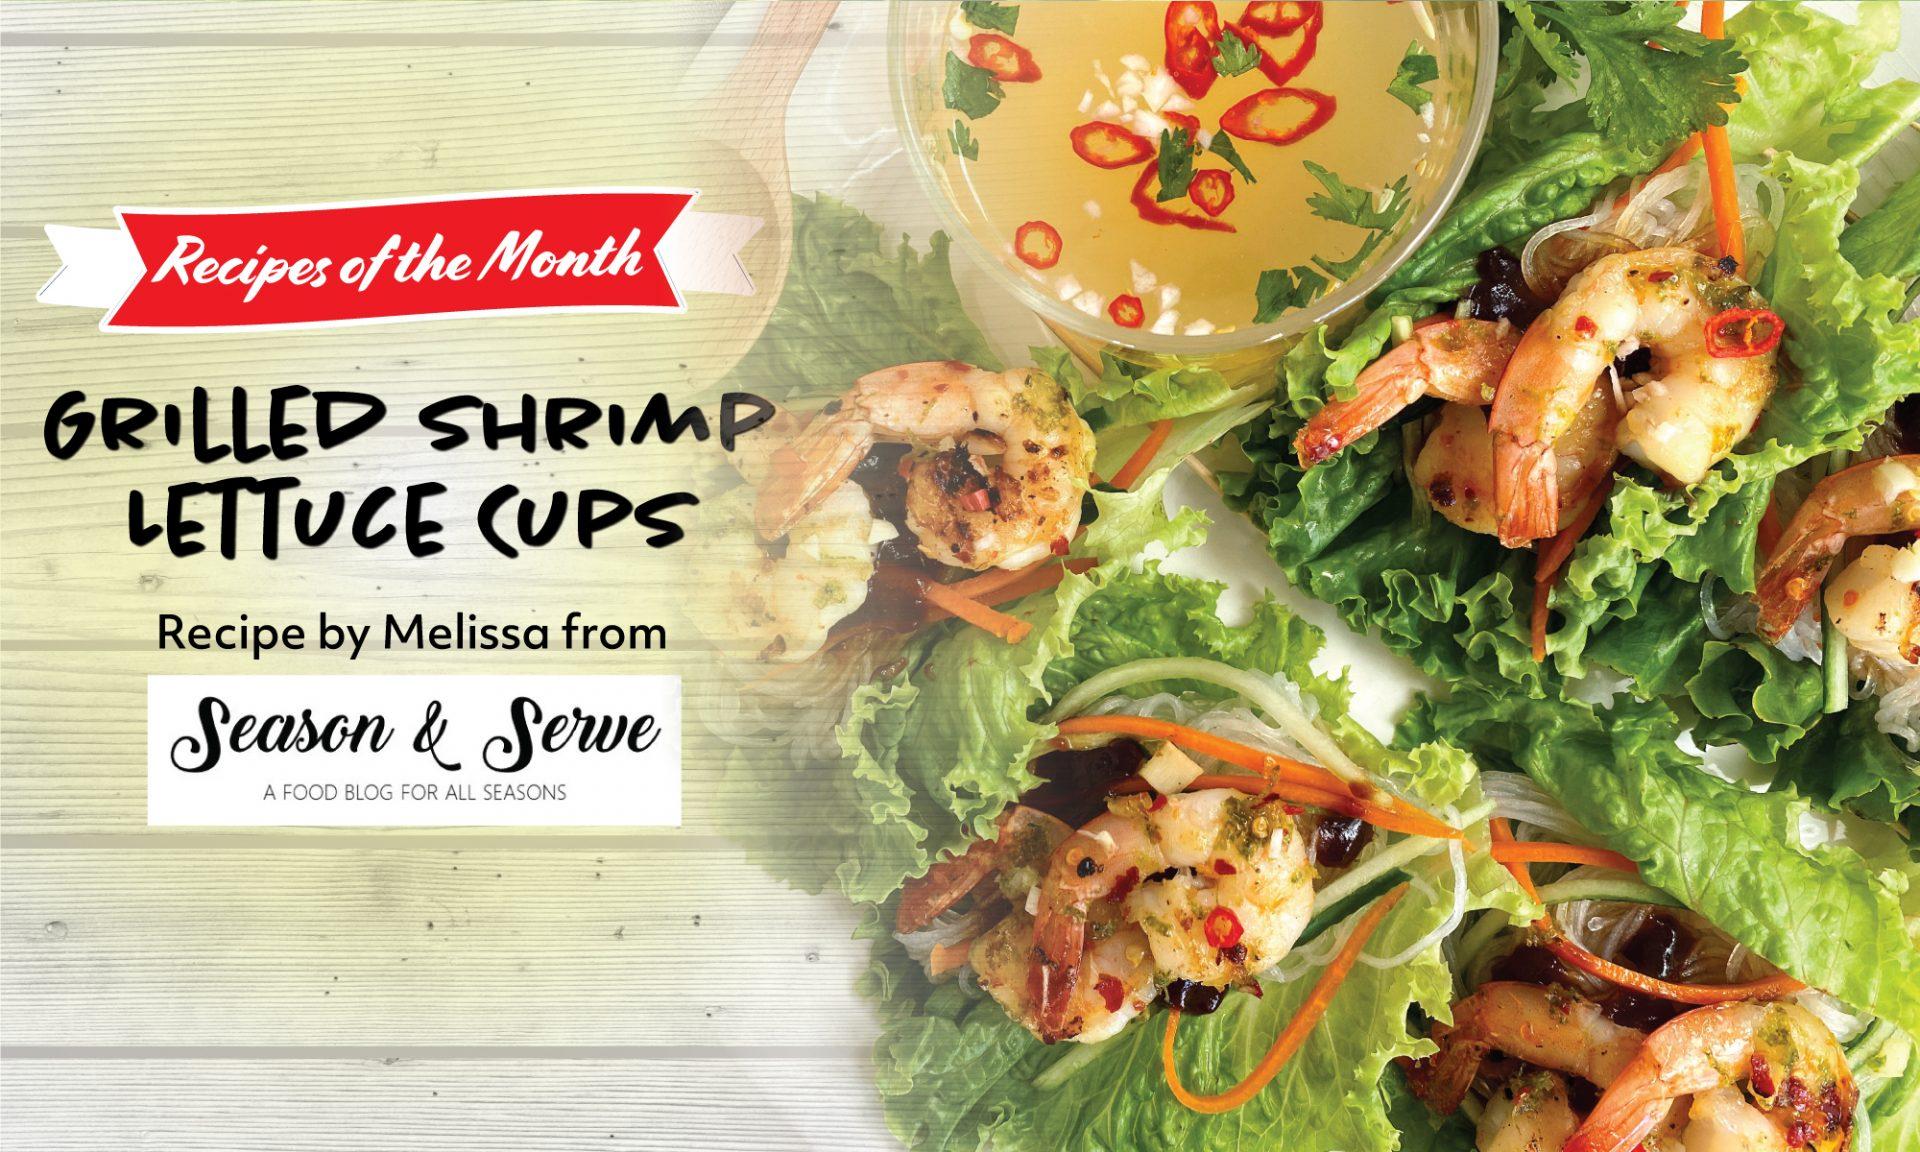 Grilled Shrimp Lettuce Cups Recipe Grilled Shrimp Lettuce Cups Recipe